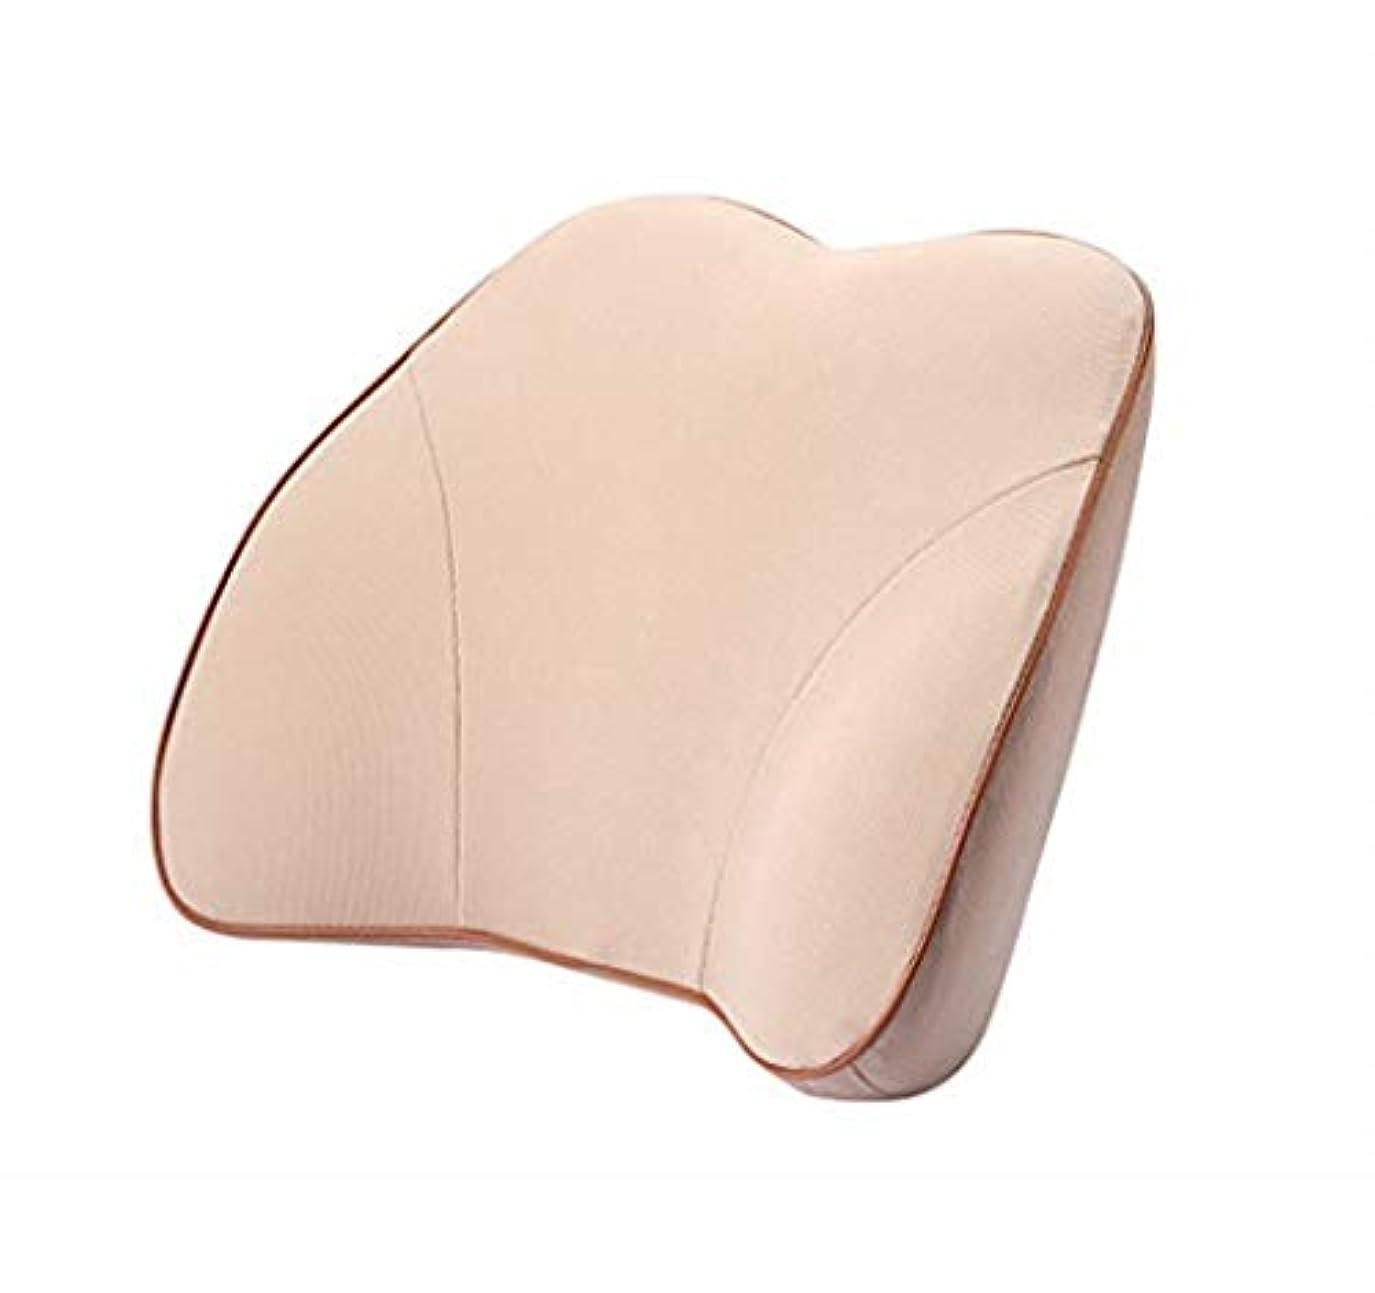 咽頭小屋びん腰椎枕 - 100%低反発腰椎クッション - ポータブル枕 - 整形外科ウエストサポート枕 - 車のオフィスチェア - 長距離運転オフィスに適した腰痛緩和 (Color : Beige)